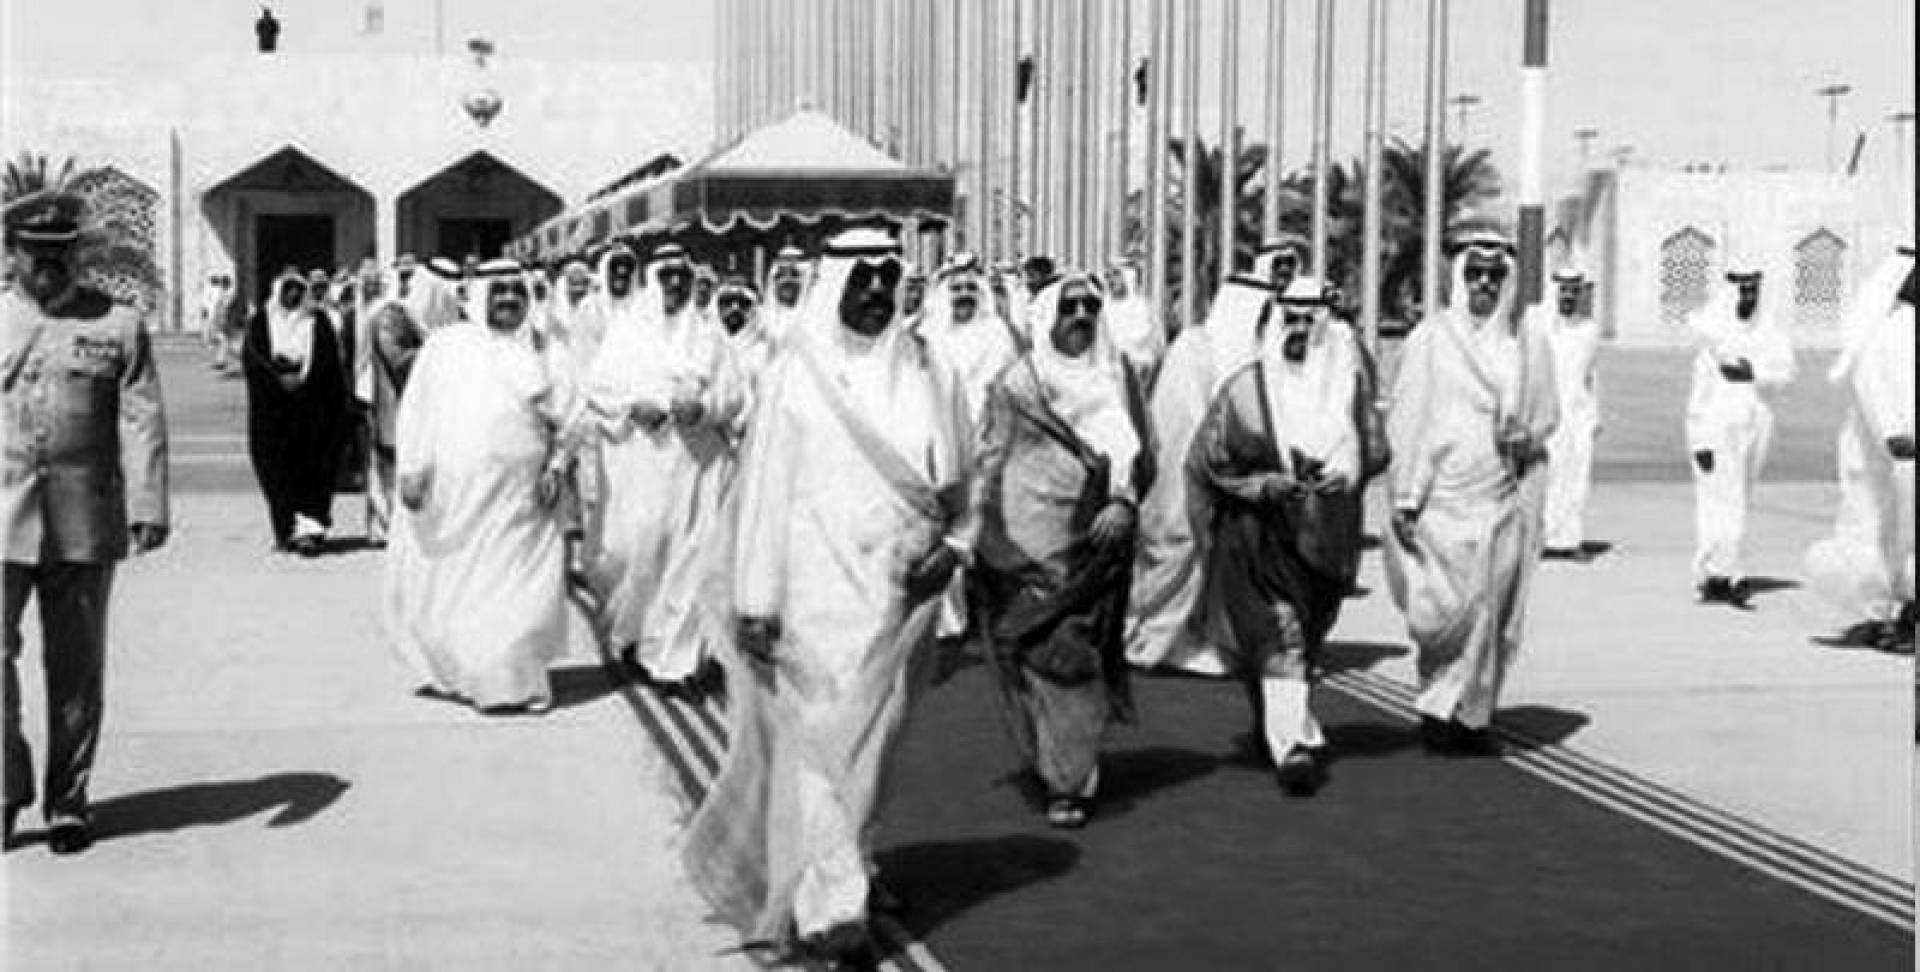 ولي العهد لدى مغادرته أرض الوطن وفي وداعه صباح الأحمد وكبار المسؤولين.. أرشيفية